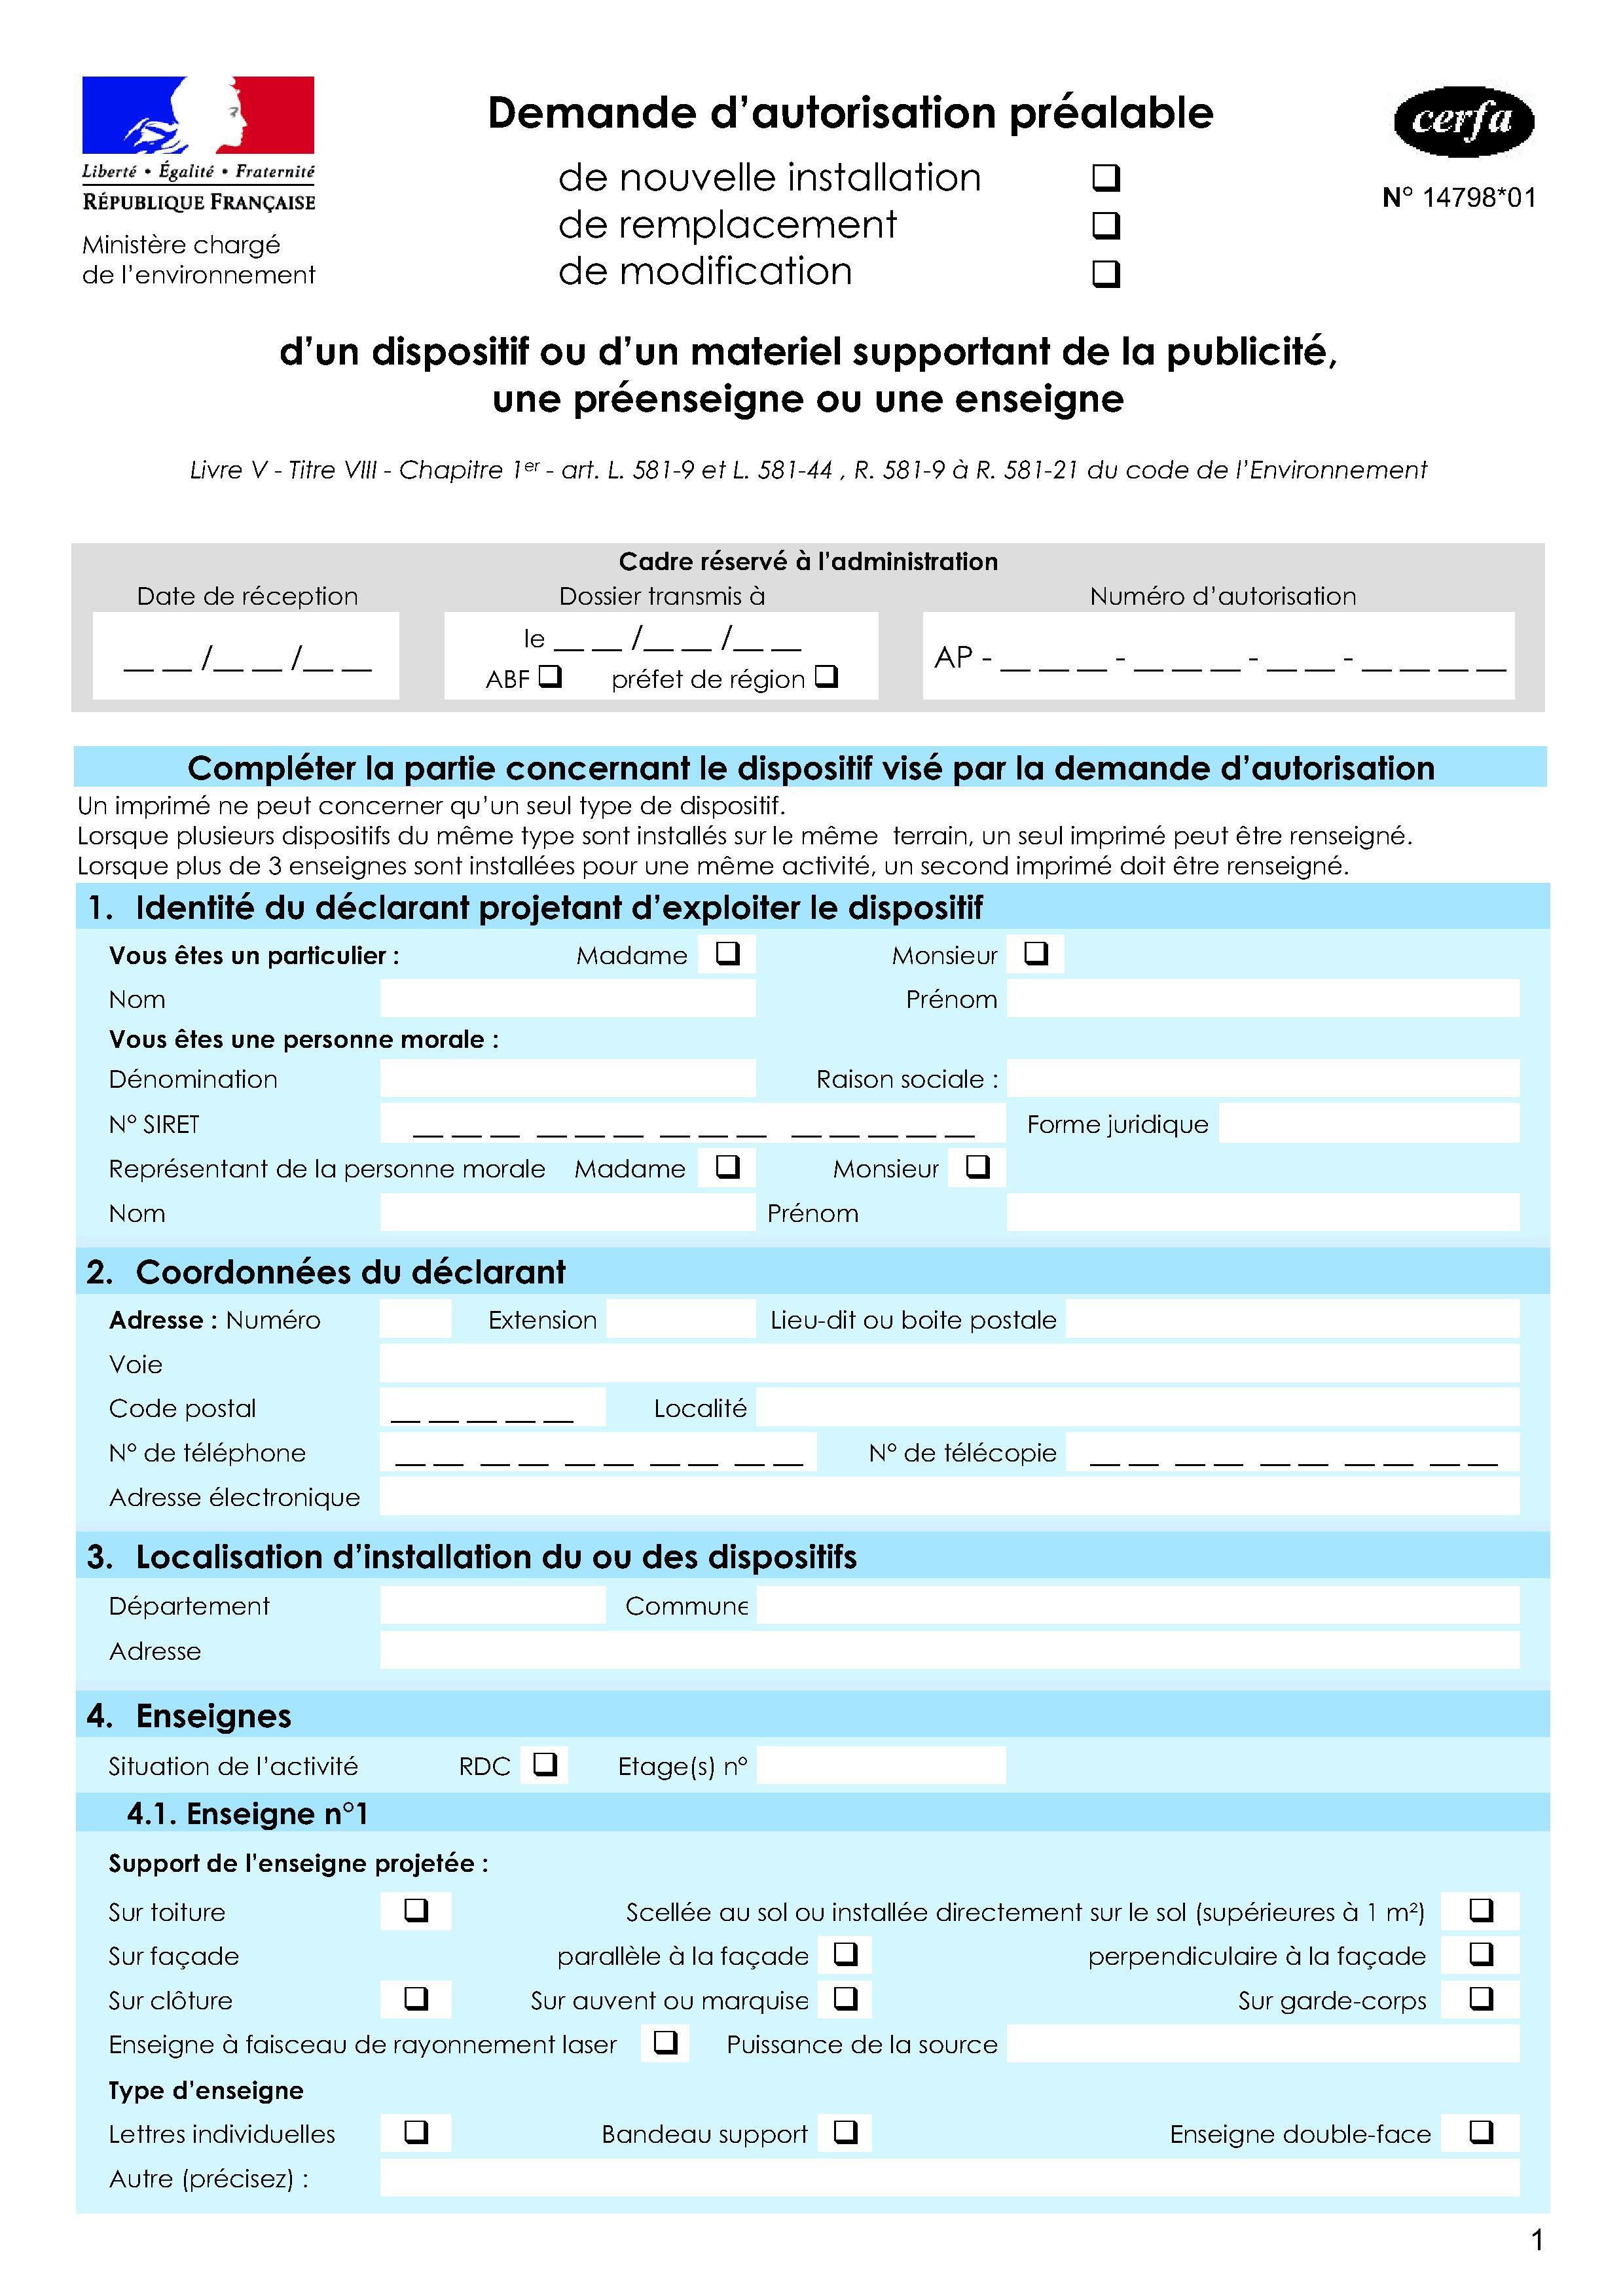 Demande d'autorisation pour l'installation d'une enseigne